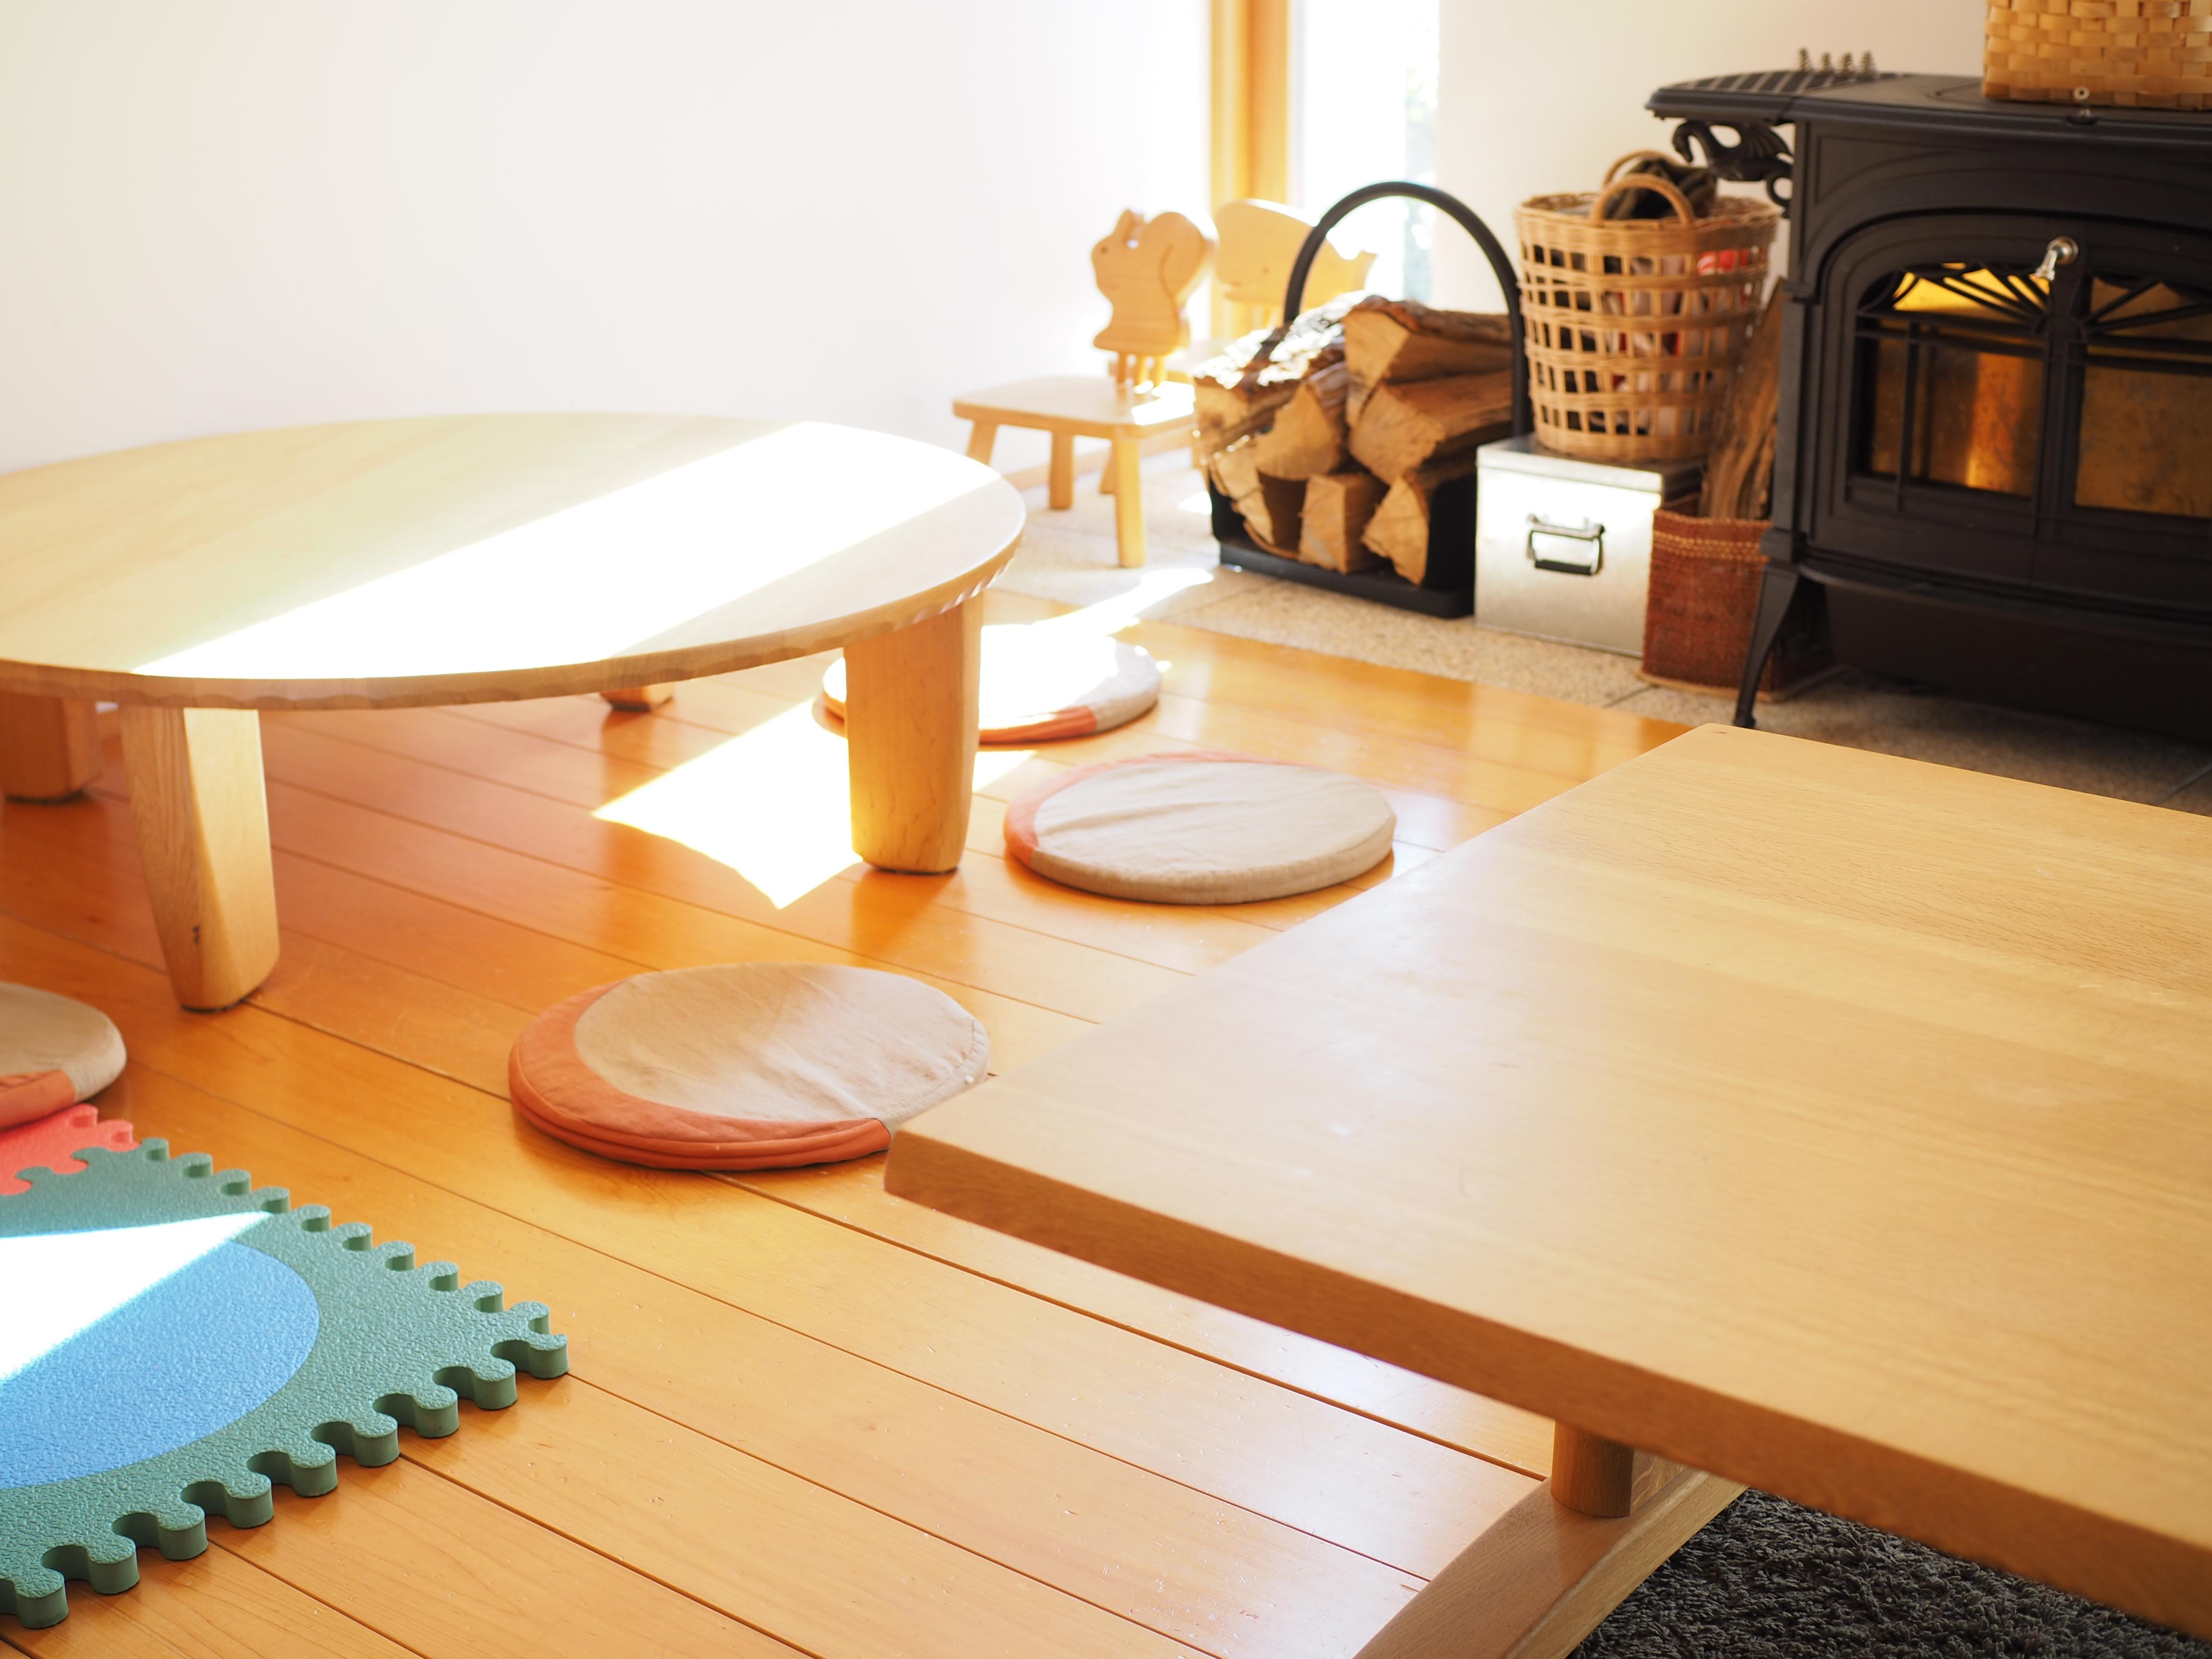 岐阜でランチ,モーニングなら、岐阜市東鶉のカフェ、hidamari Cafe(ひだまりカフェ)のレンタル座卓スペース